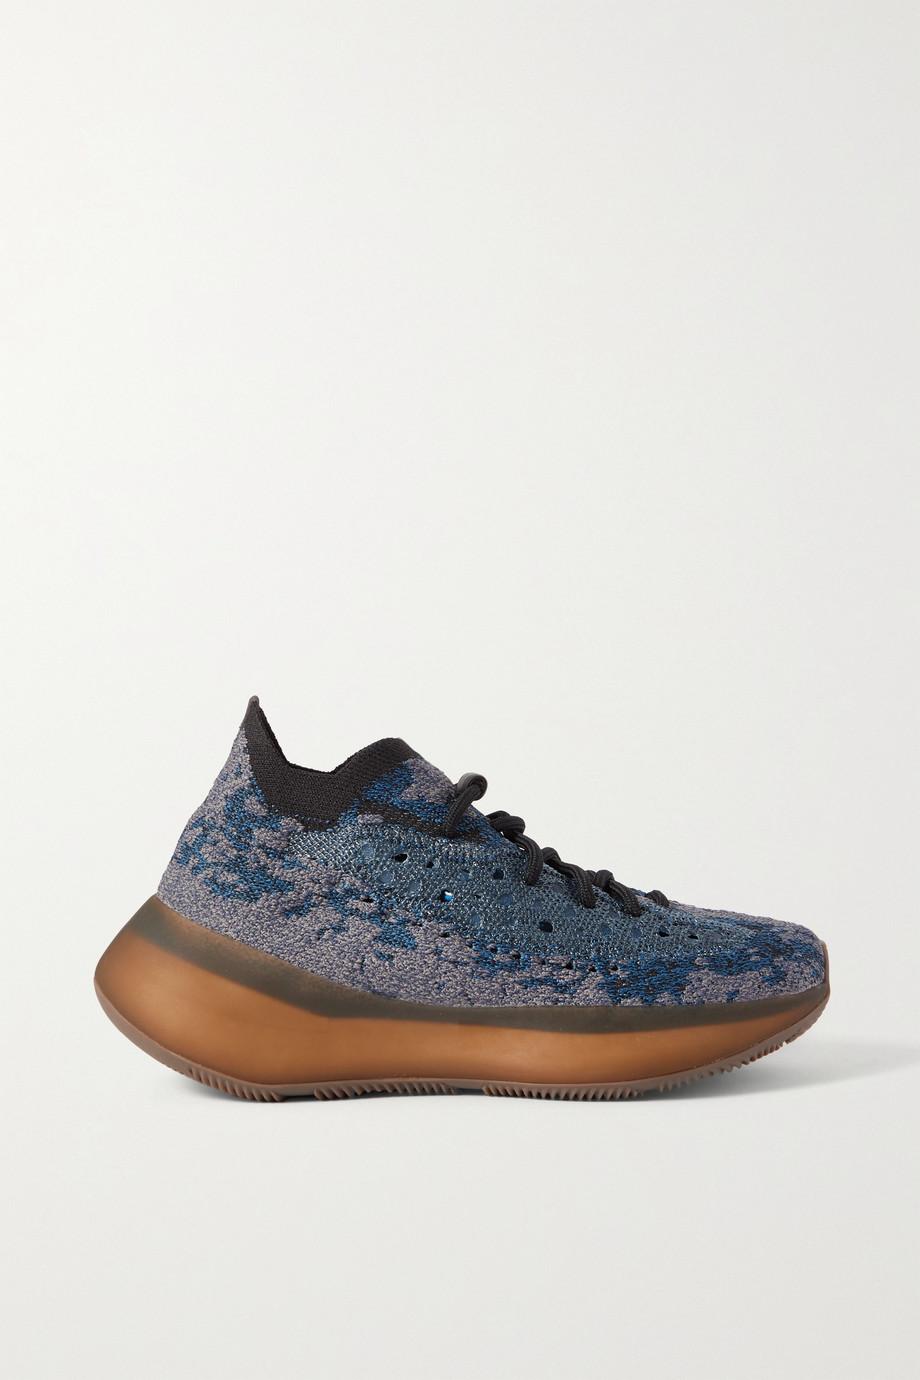 adidas Originals Yeezy Boost 380 Primeknit Sneakers